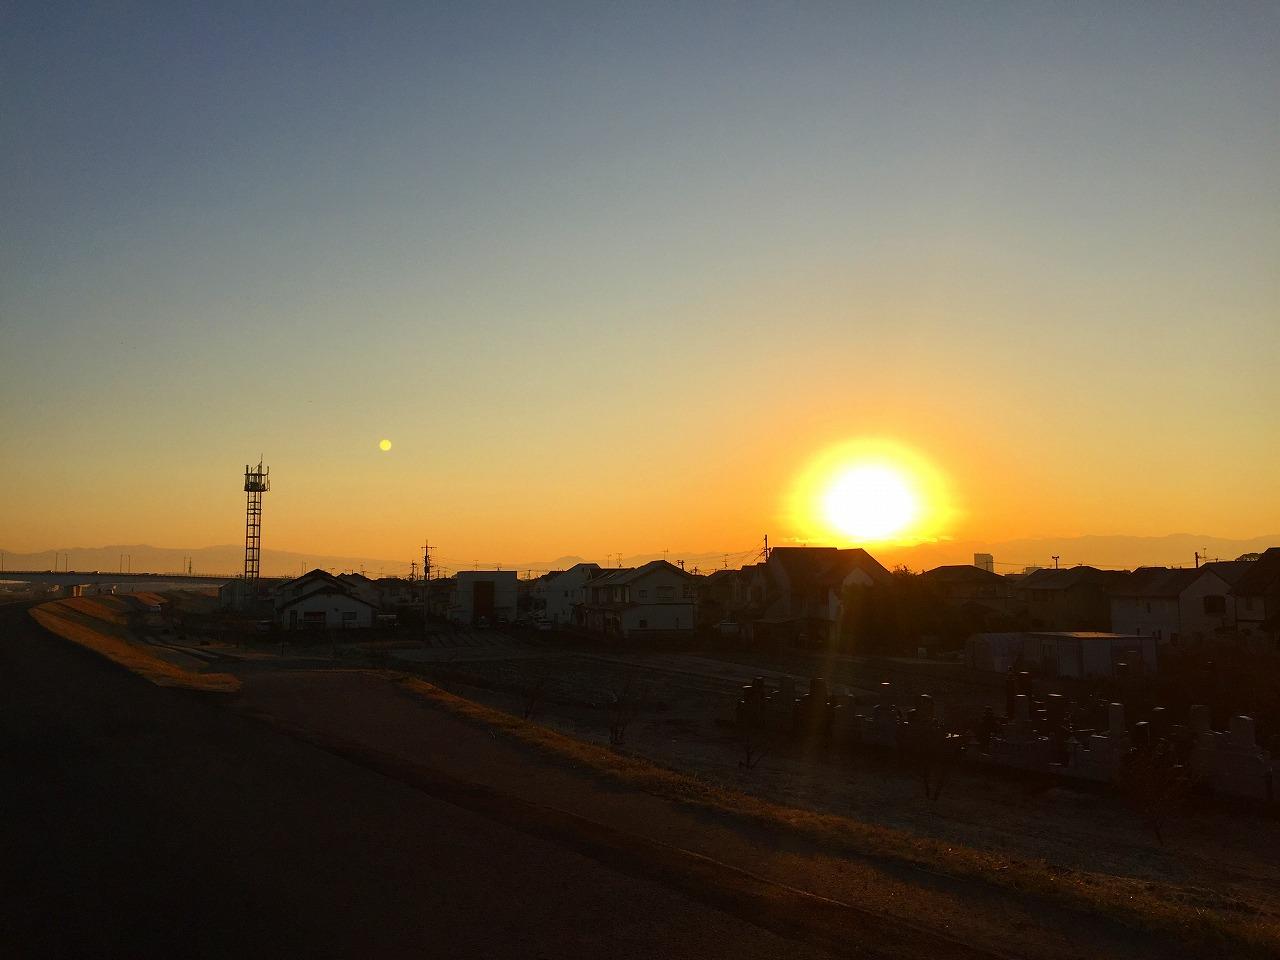 朝日がきれいなのだ